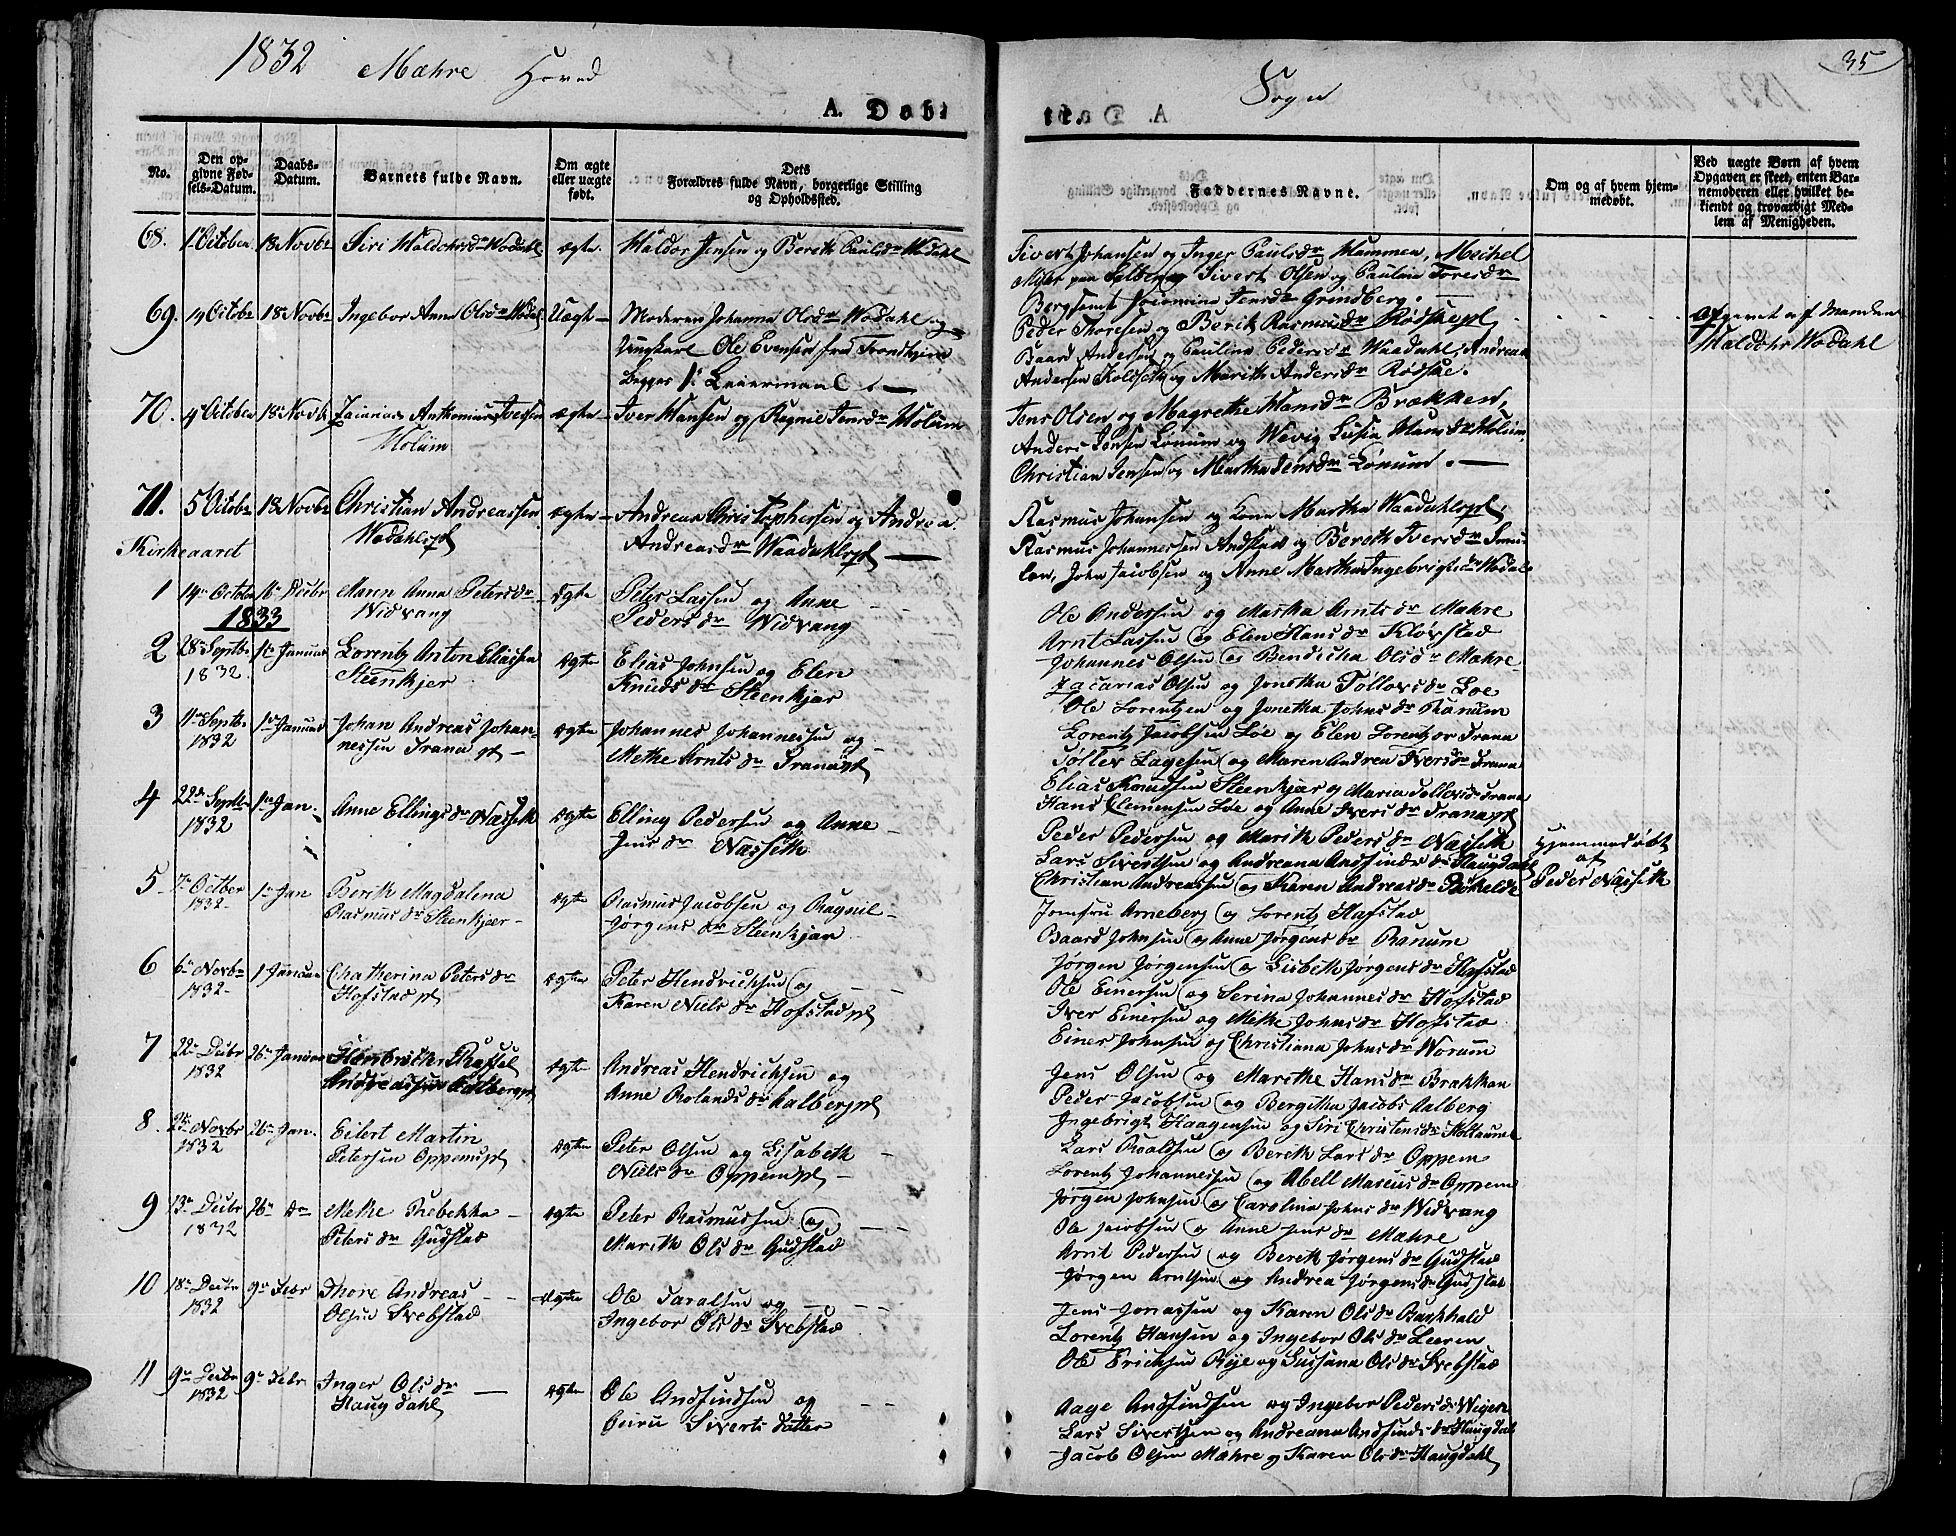 SAT, Ministerialprotokoller, klokkerbøker og fødselsregistre - Nord-Trøndelag, 735/L0336: Ministerialbok nr. 735A05 /1, 1825-1835, s. 35